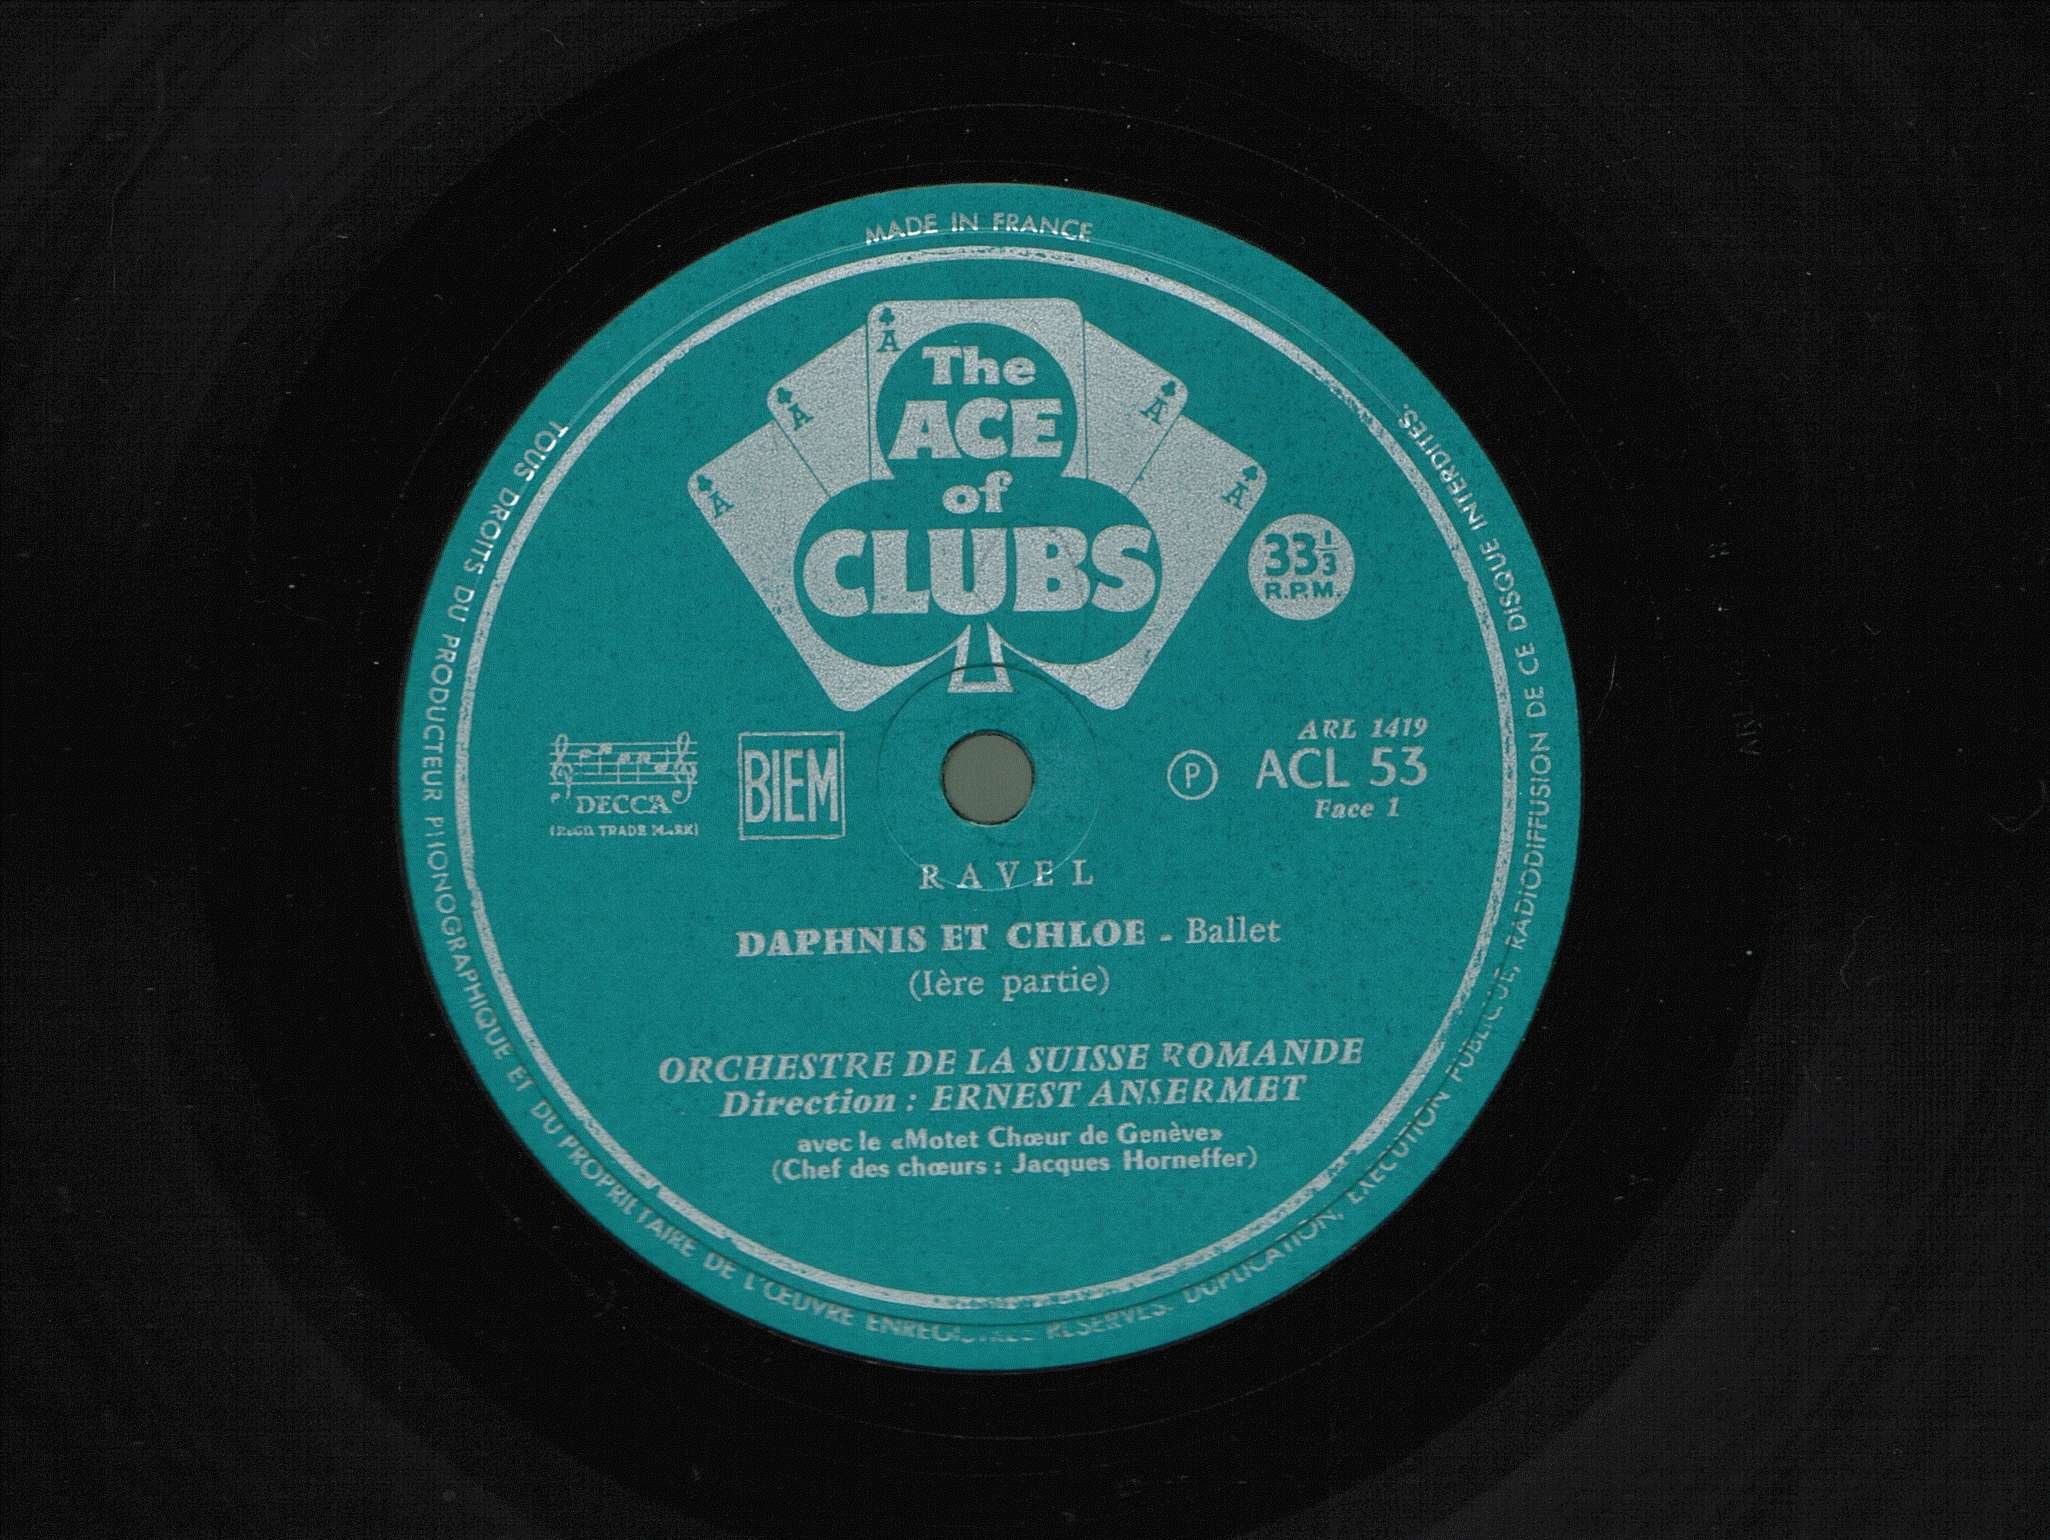 M. Ravel, Daphnis et Chloe, OSR, E. Ansermet, 1952, 3/8